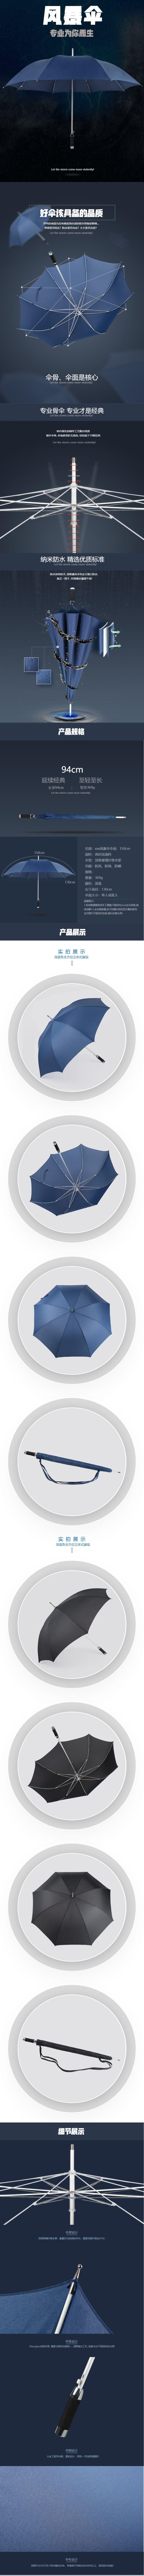 轻奢简约百货零售家居生活雨伞骨伞促销电商详情图